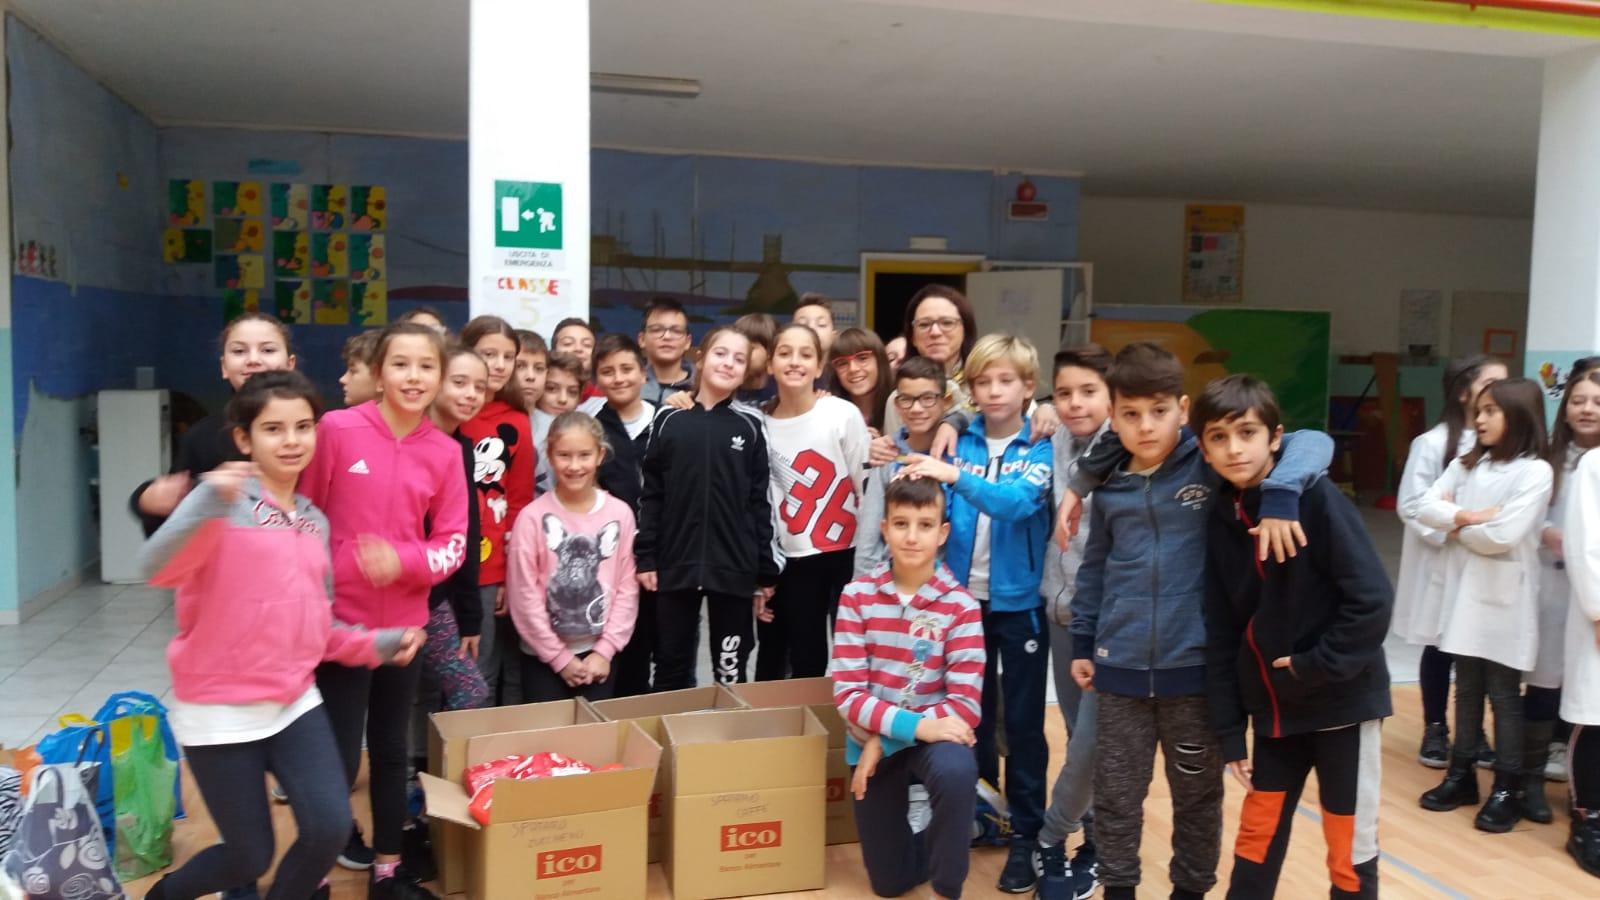 """La colletta alimentare anche alla scuola """"G. Spataro"""" di Vasto  I ragazzi dall'infanzia, alla primaria, alle medie hanno colto il senso della solidarietà e del volontariato."""